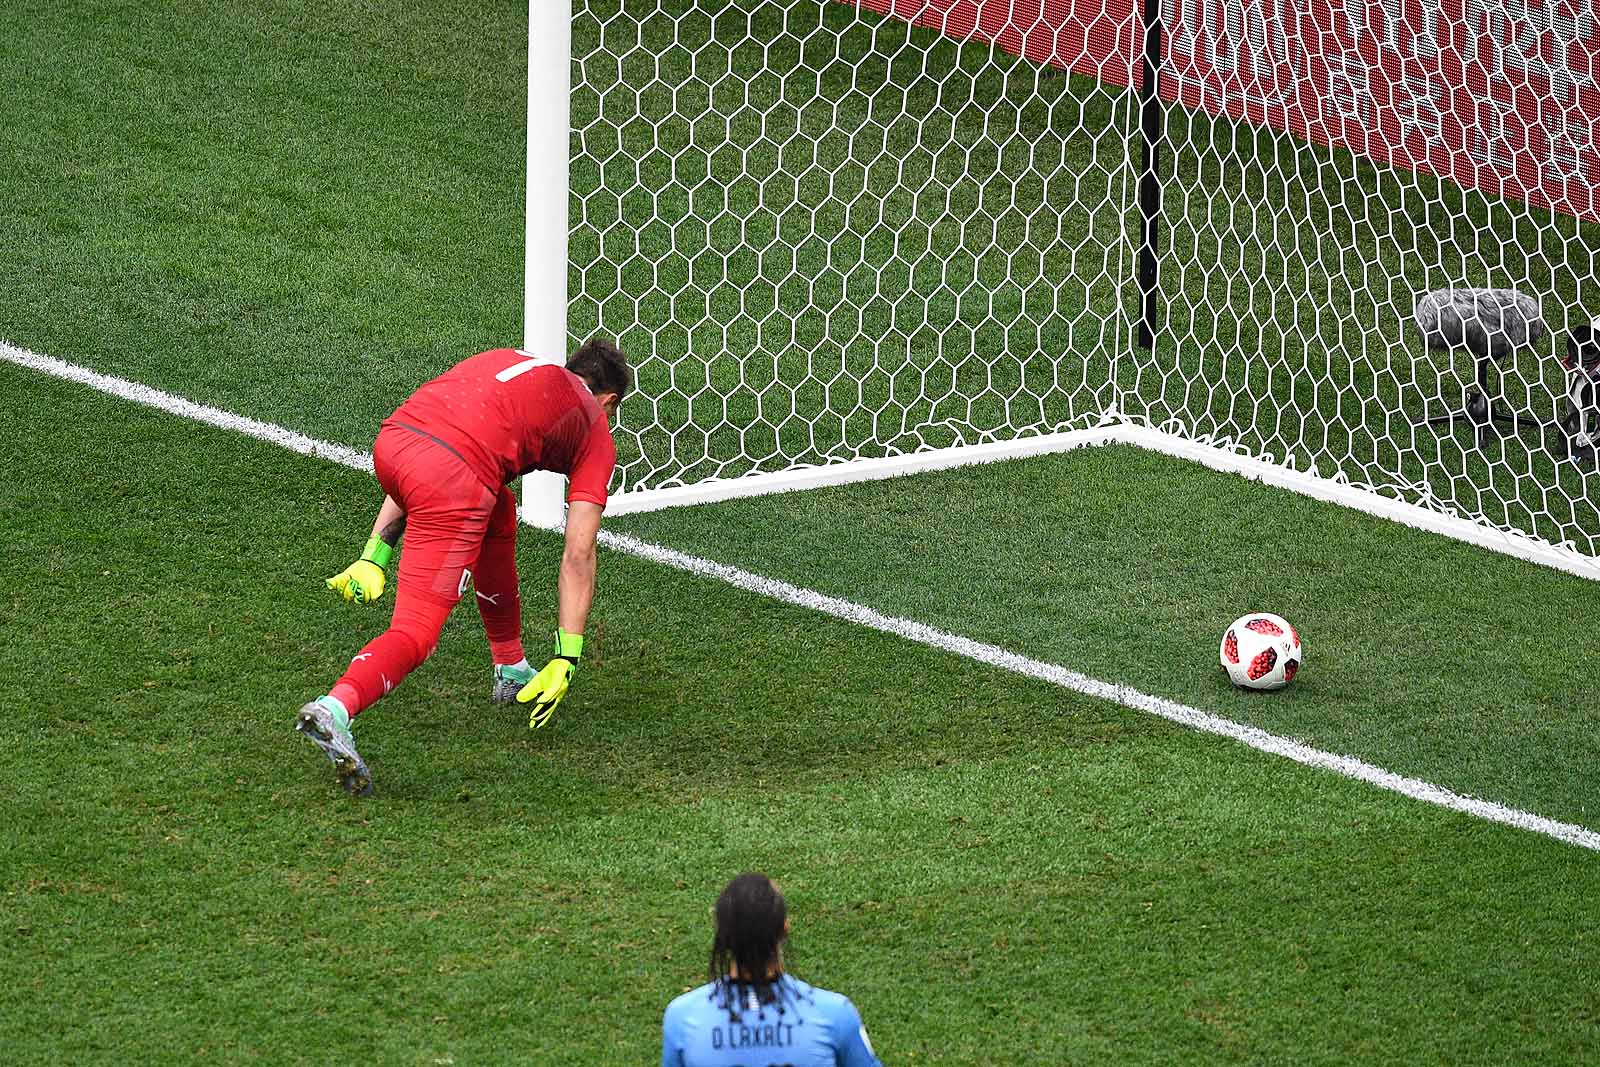 Ezzel a hatalmas potyával vezetnek 2:0-ra a franciák Uruguay ellen